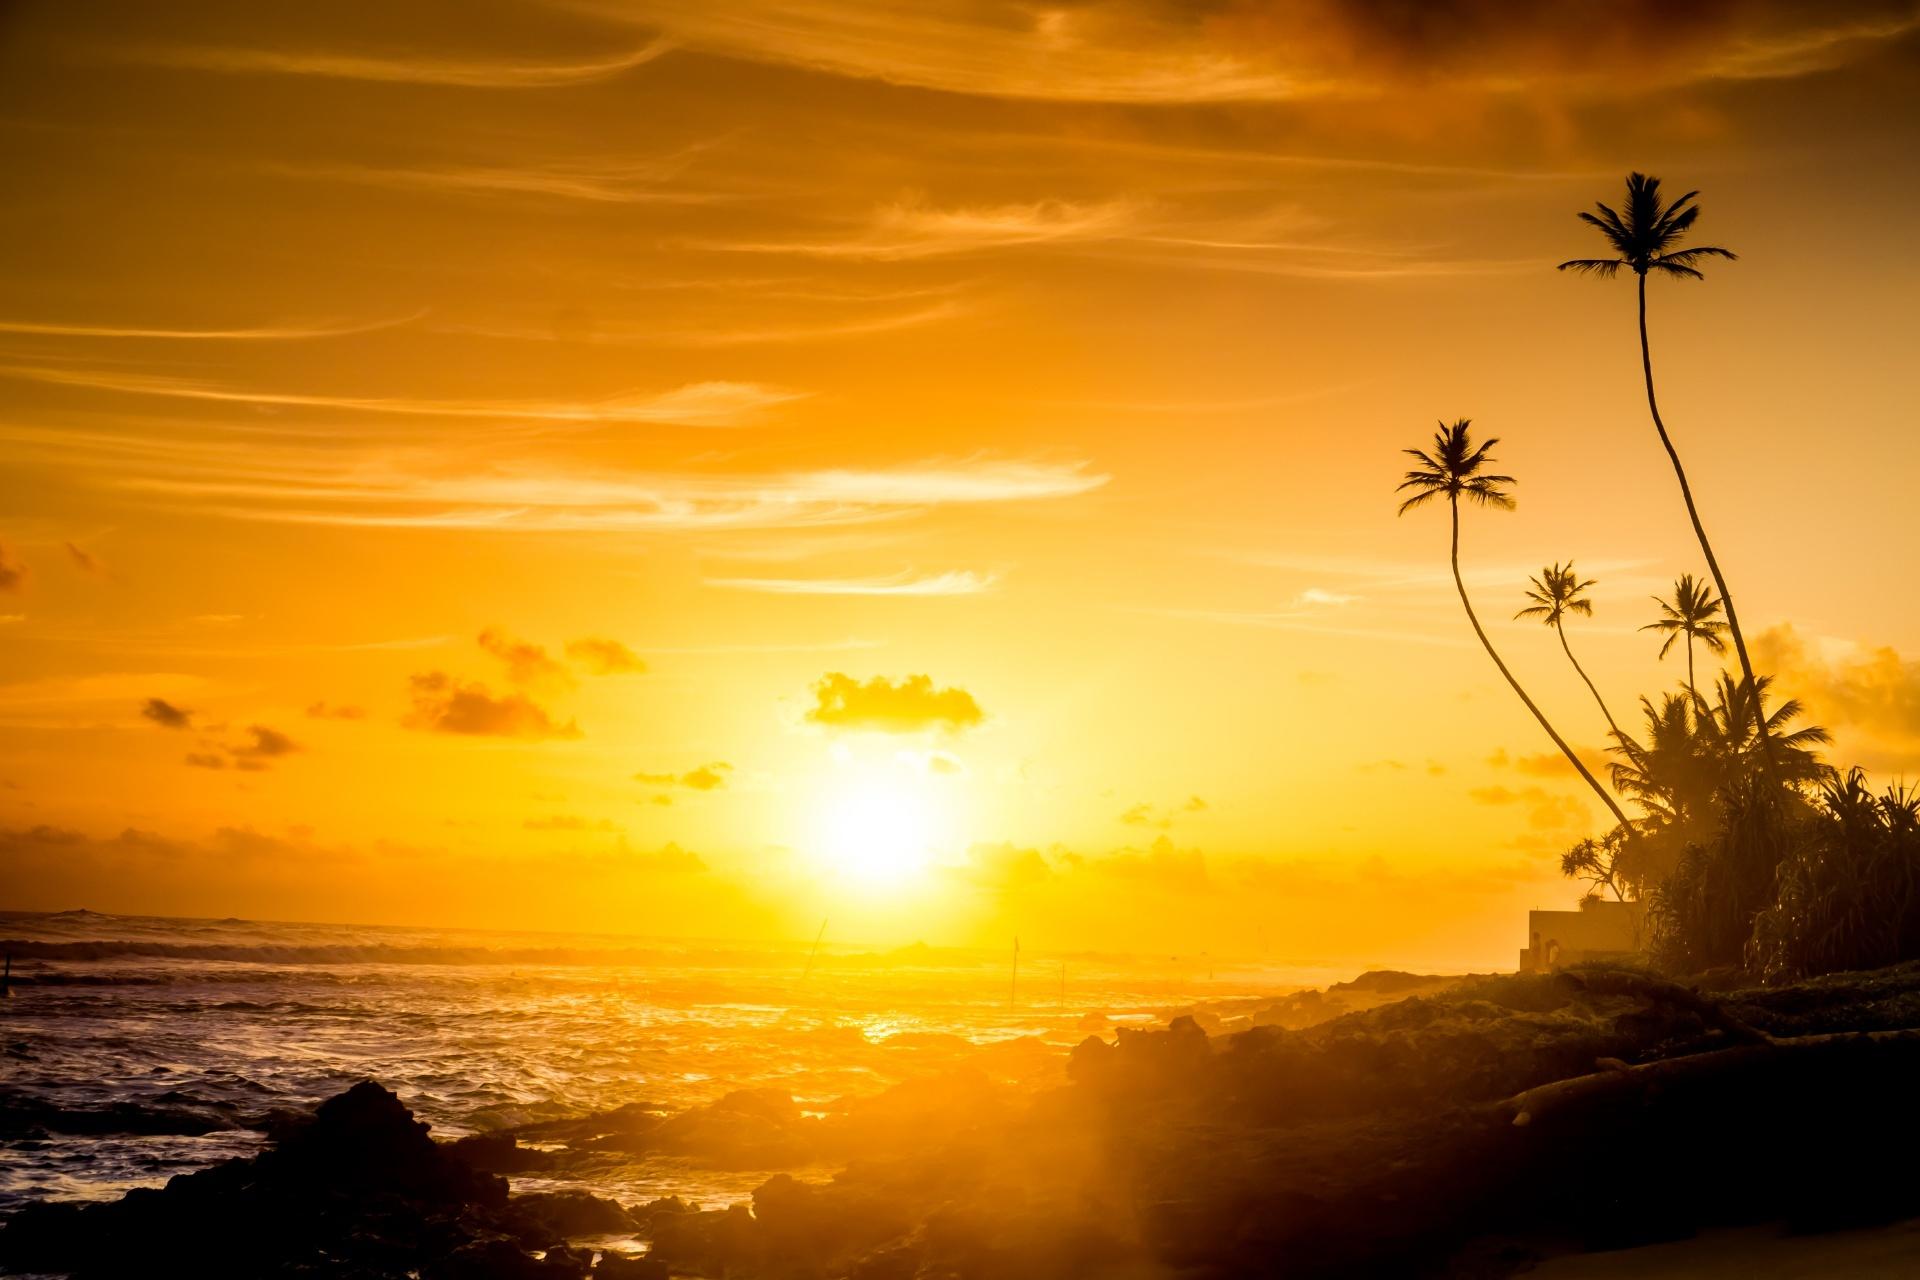 夕焼けのビーチ スリランカの風景